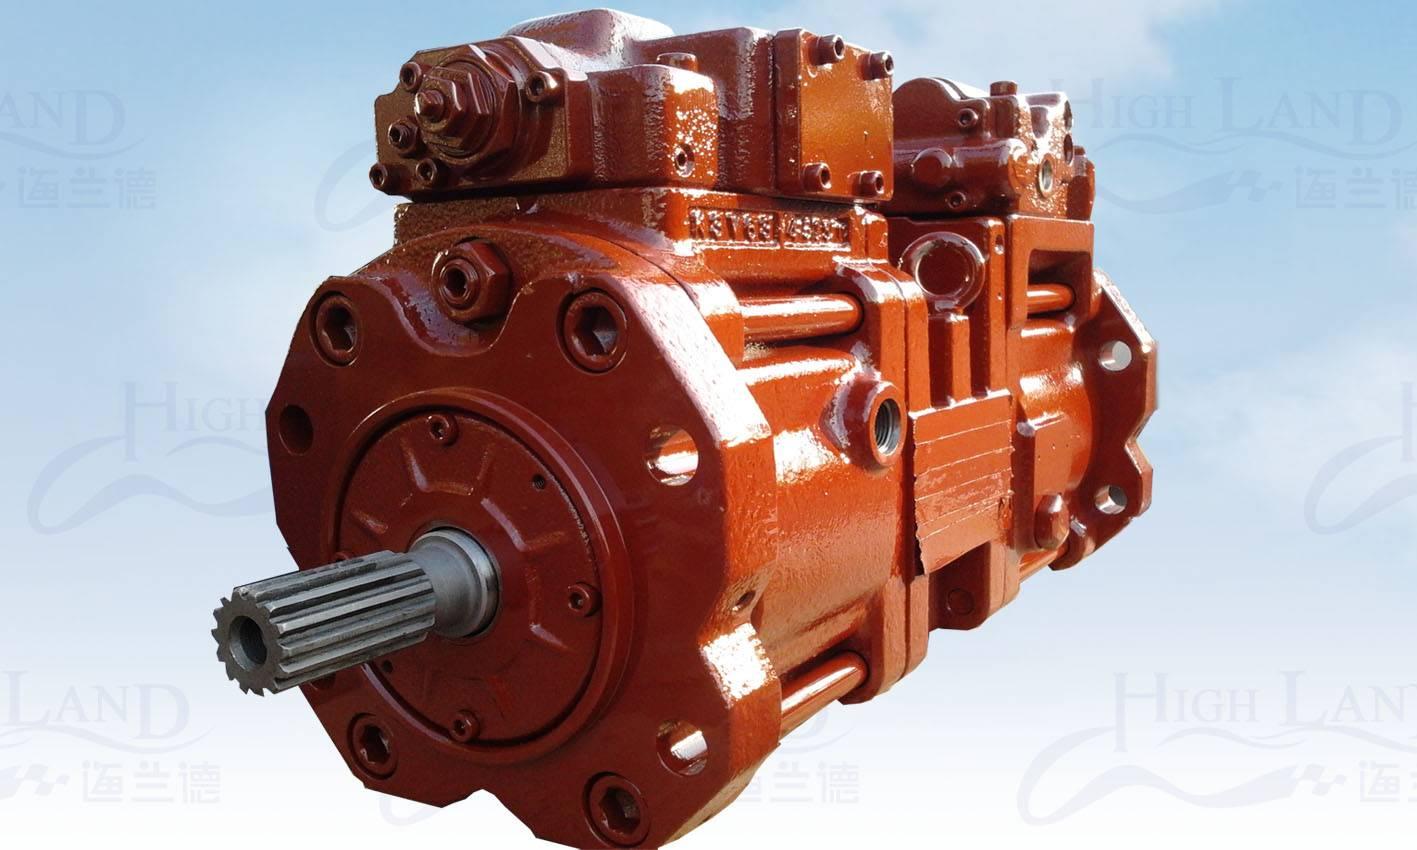 K3v 63 DT hydraulic pump